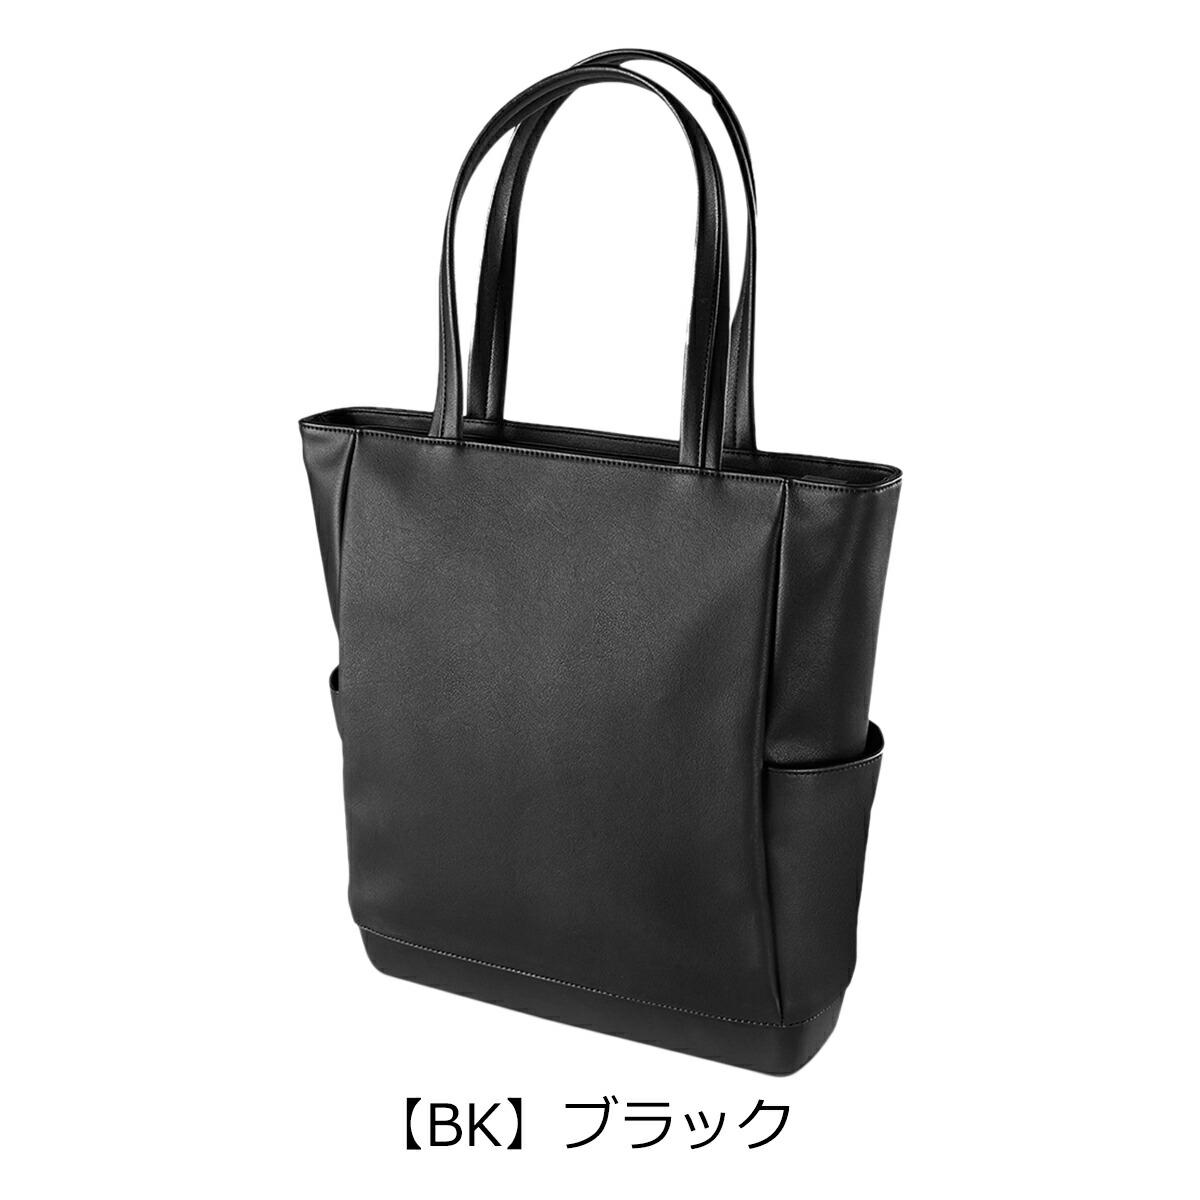 【BK】ブラック